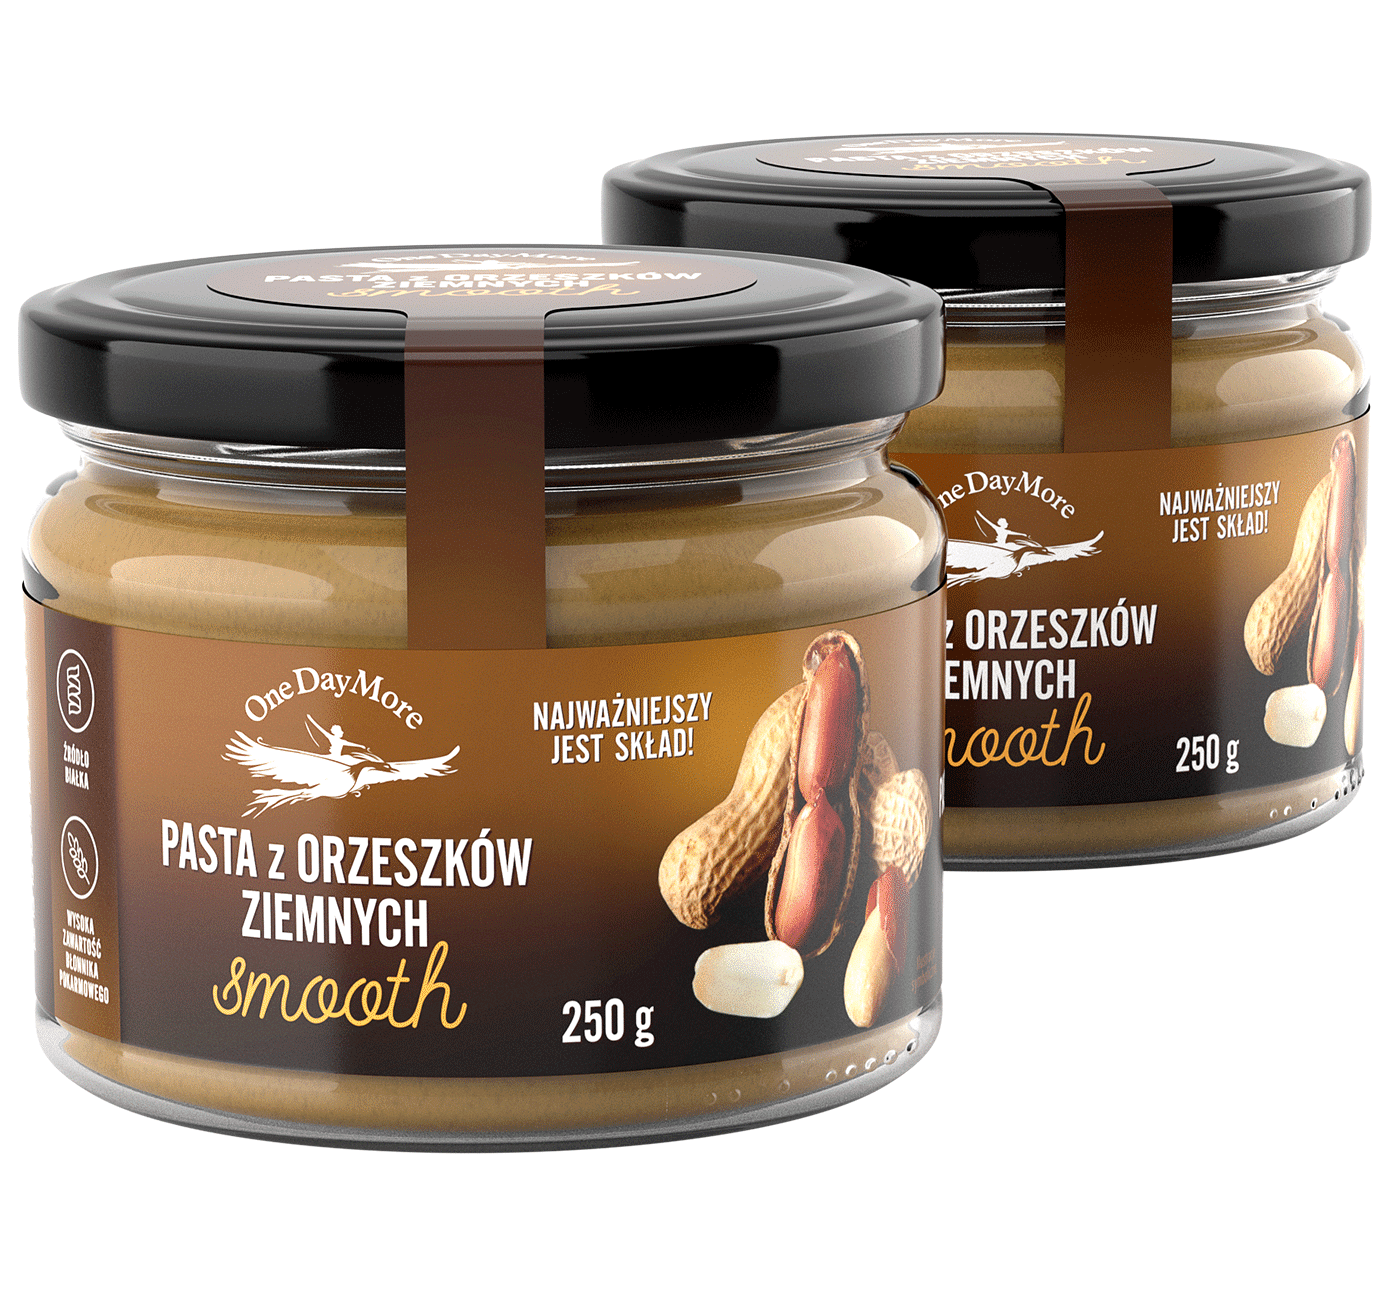 Pasta z orzeszków ziemnych Smooth Zestaw OneDayMore